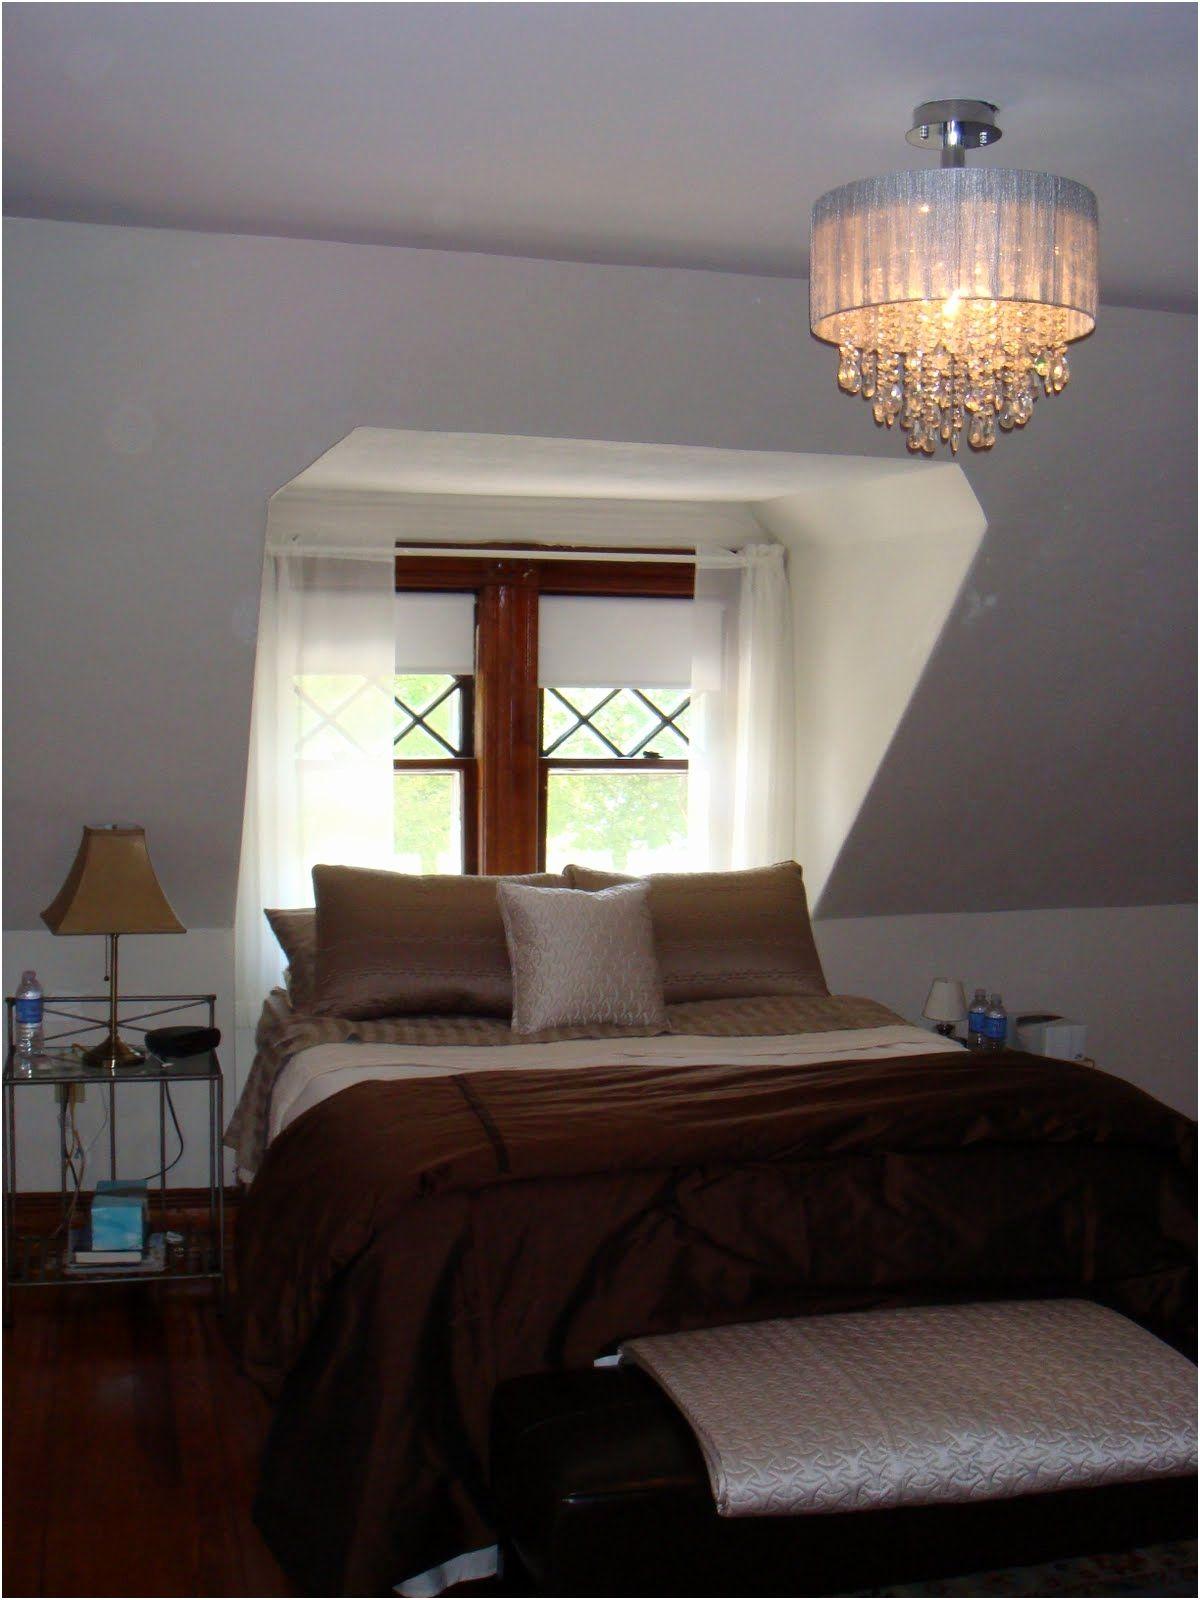 Full Size of Wandlampen Schlafzimmer Leuchten Mit Bildern Deckenleuchte Komplett Lattenrost Und Matratze Schränke Günstig Teppich Deckenlampe Deckenleuchten Wandtattoos Wohnzimmer Wandlampen Schlafzimmer